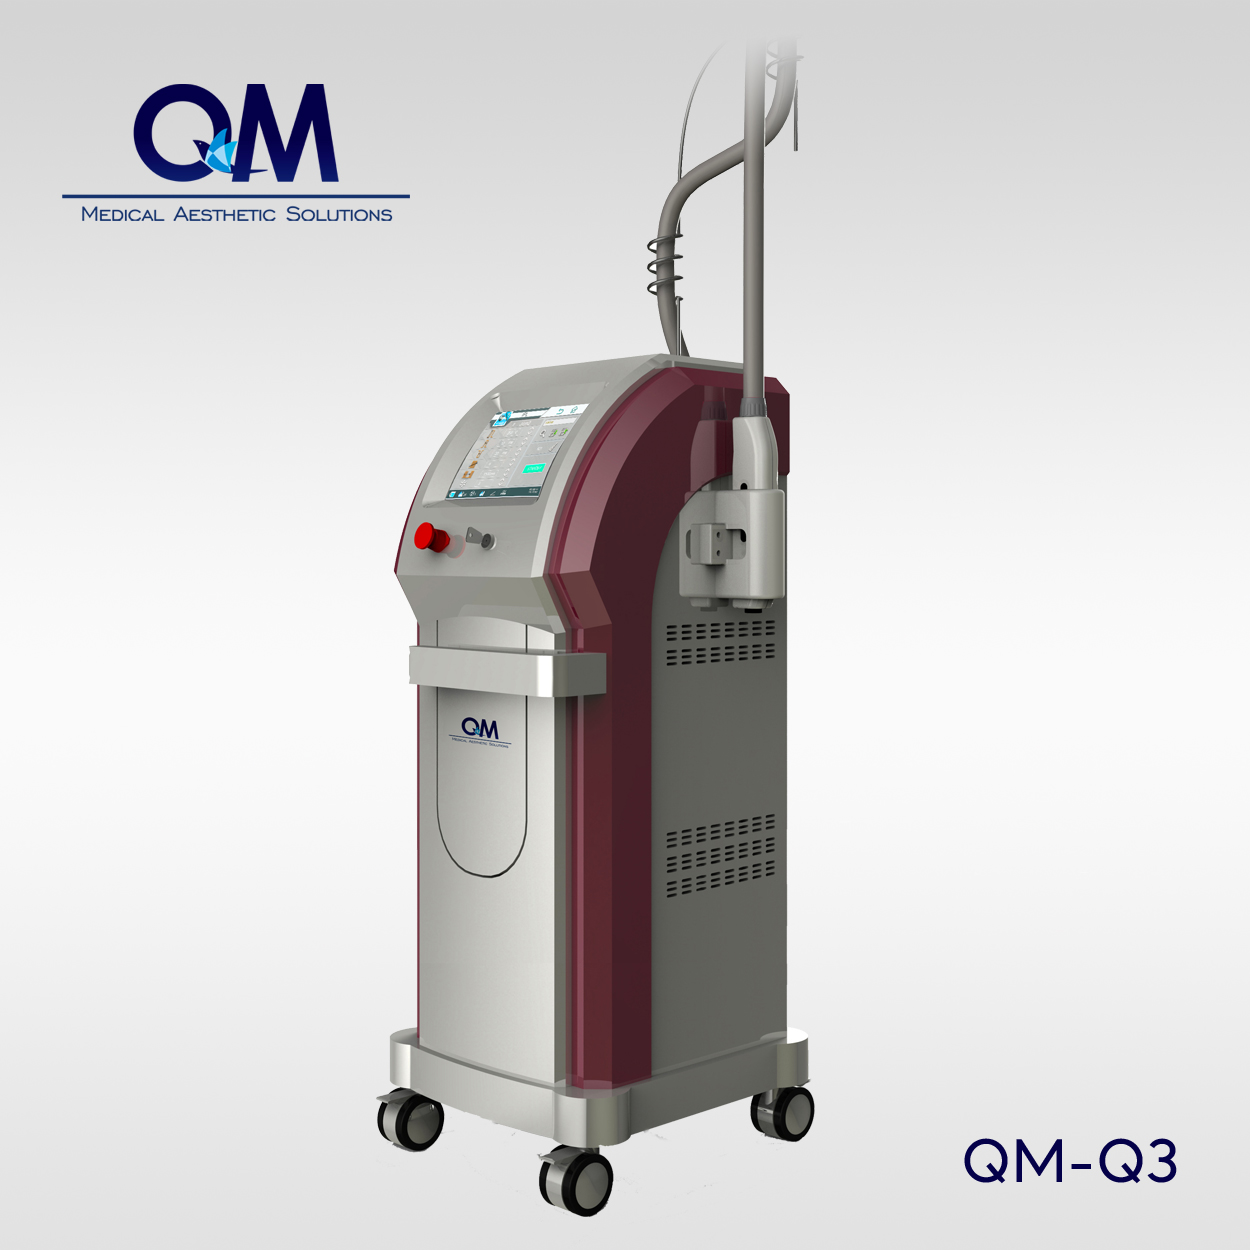 QM-Q3